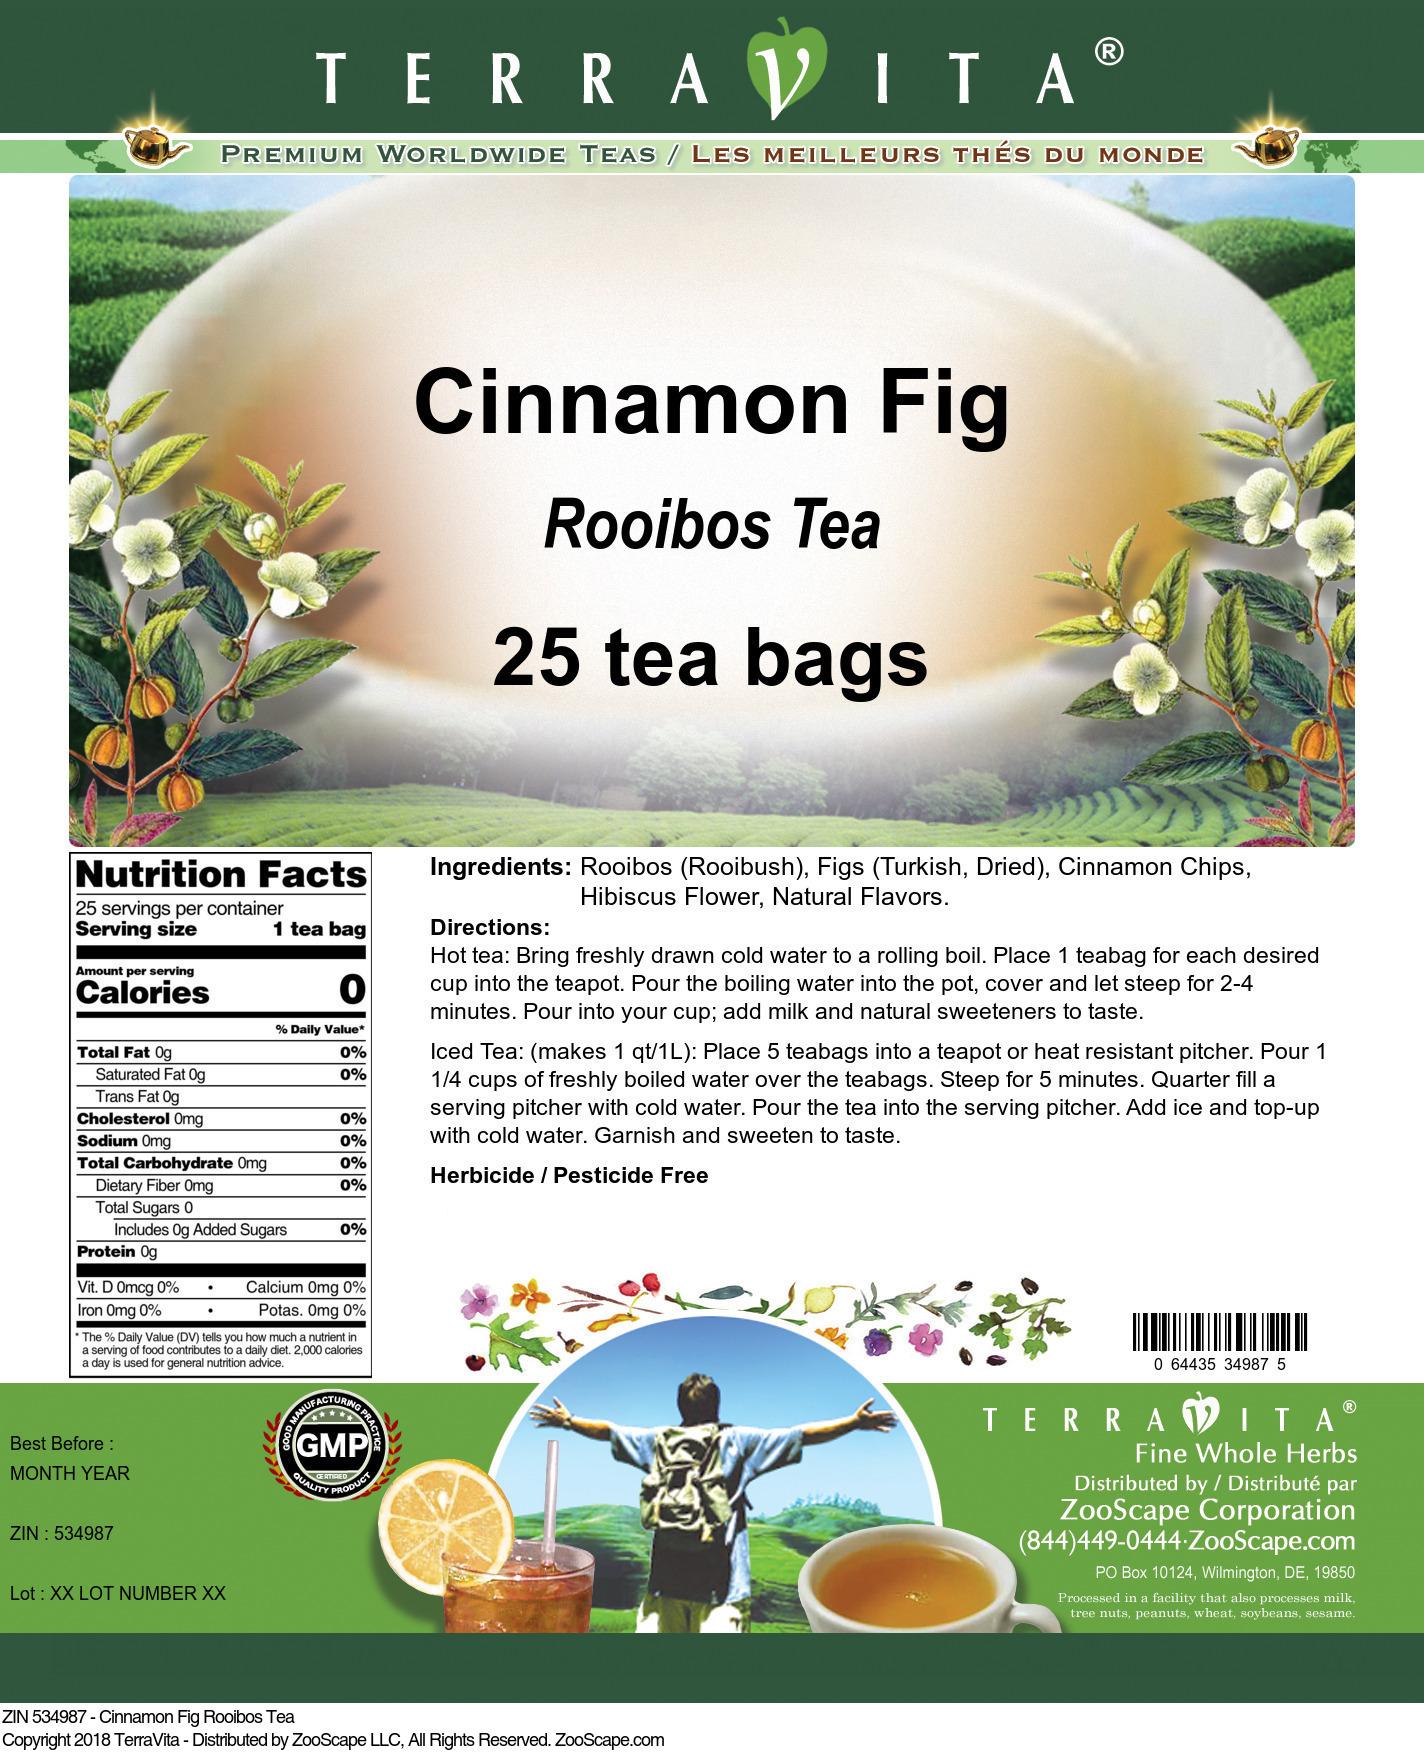 Cinnamon Fig Rooibos Tea